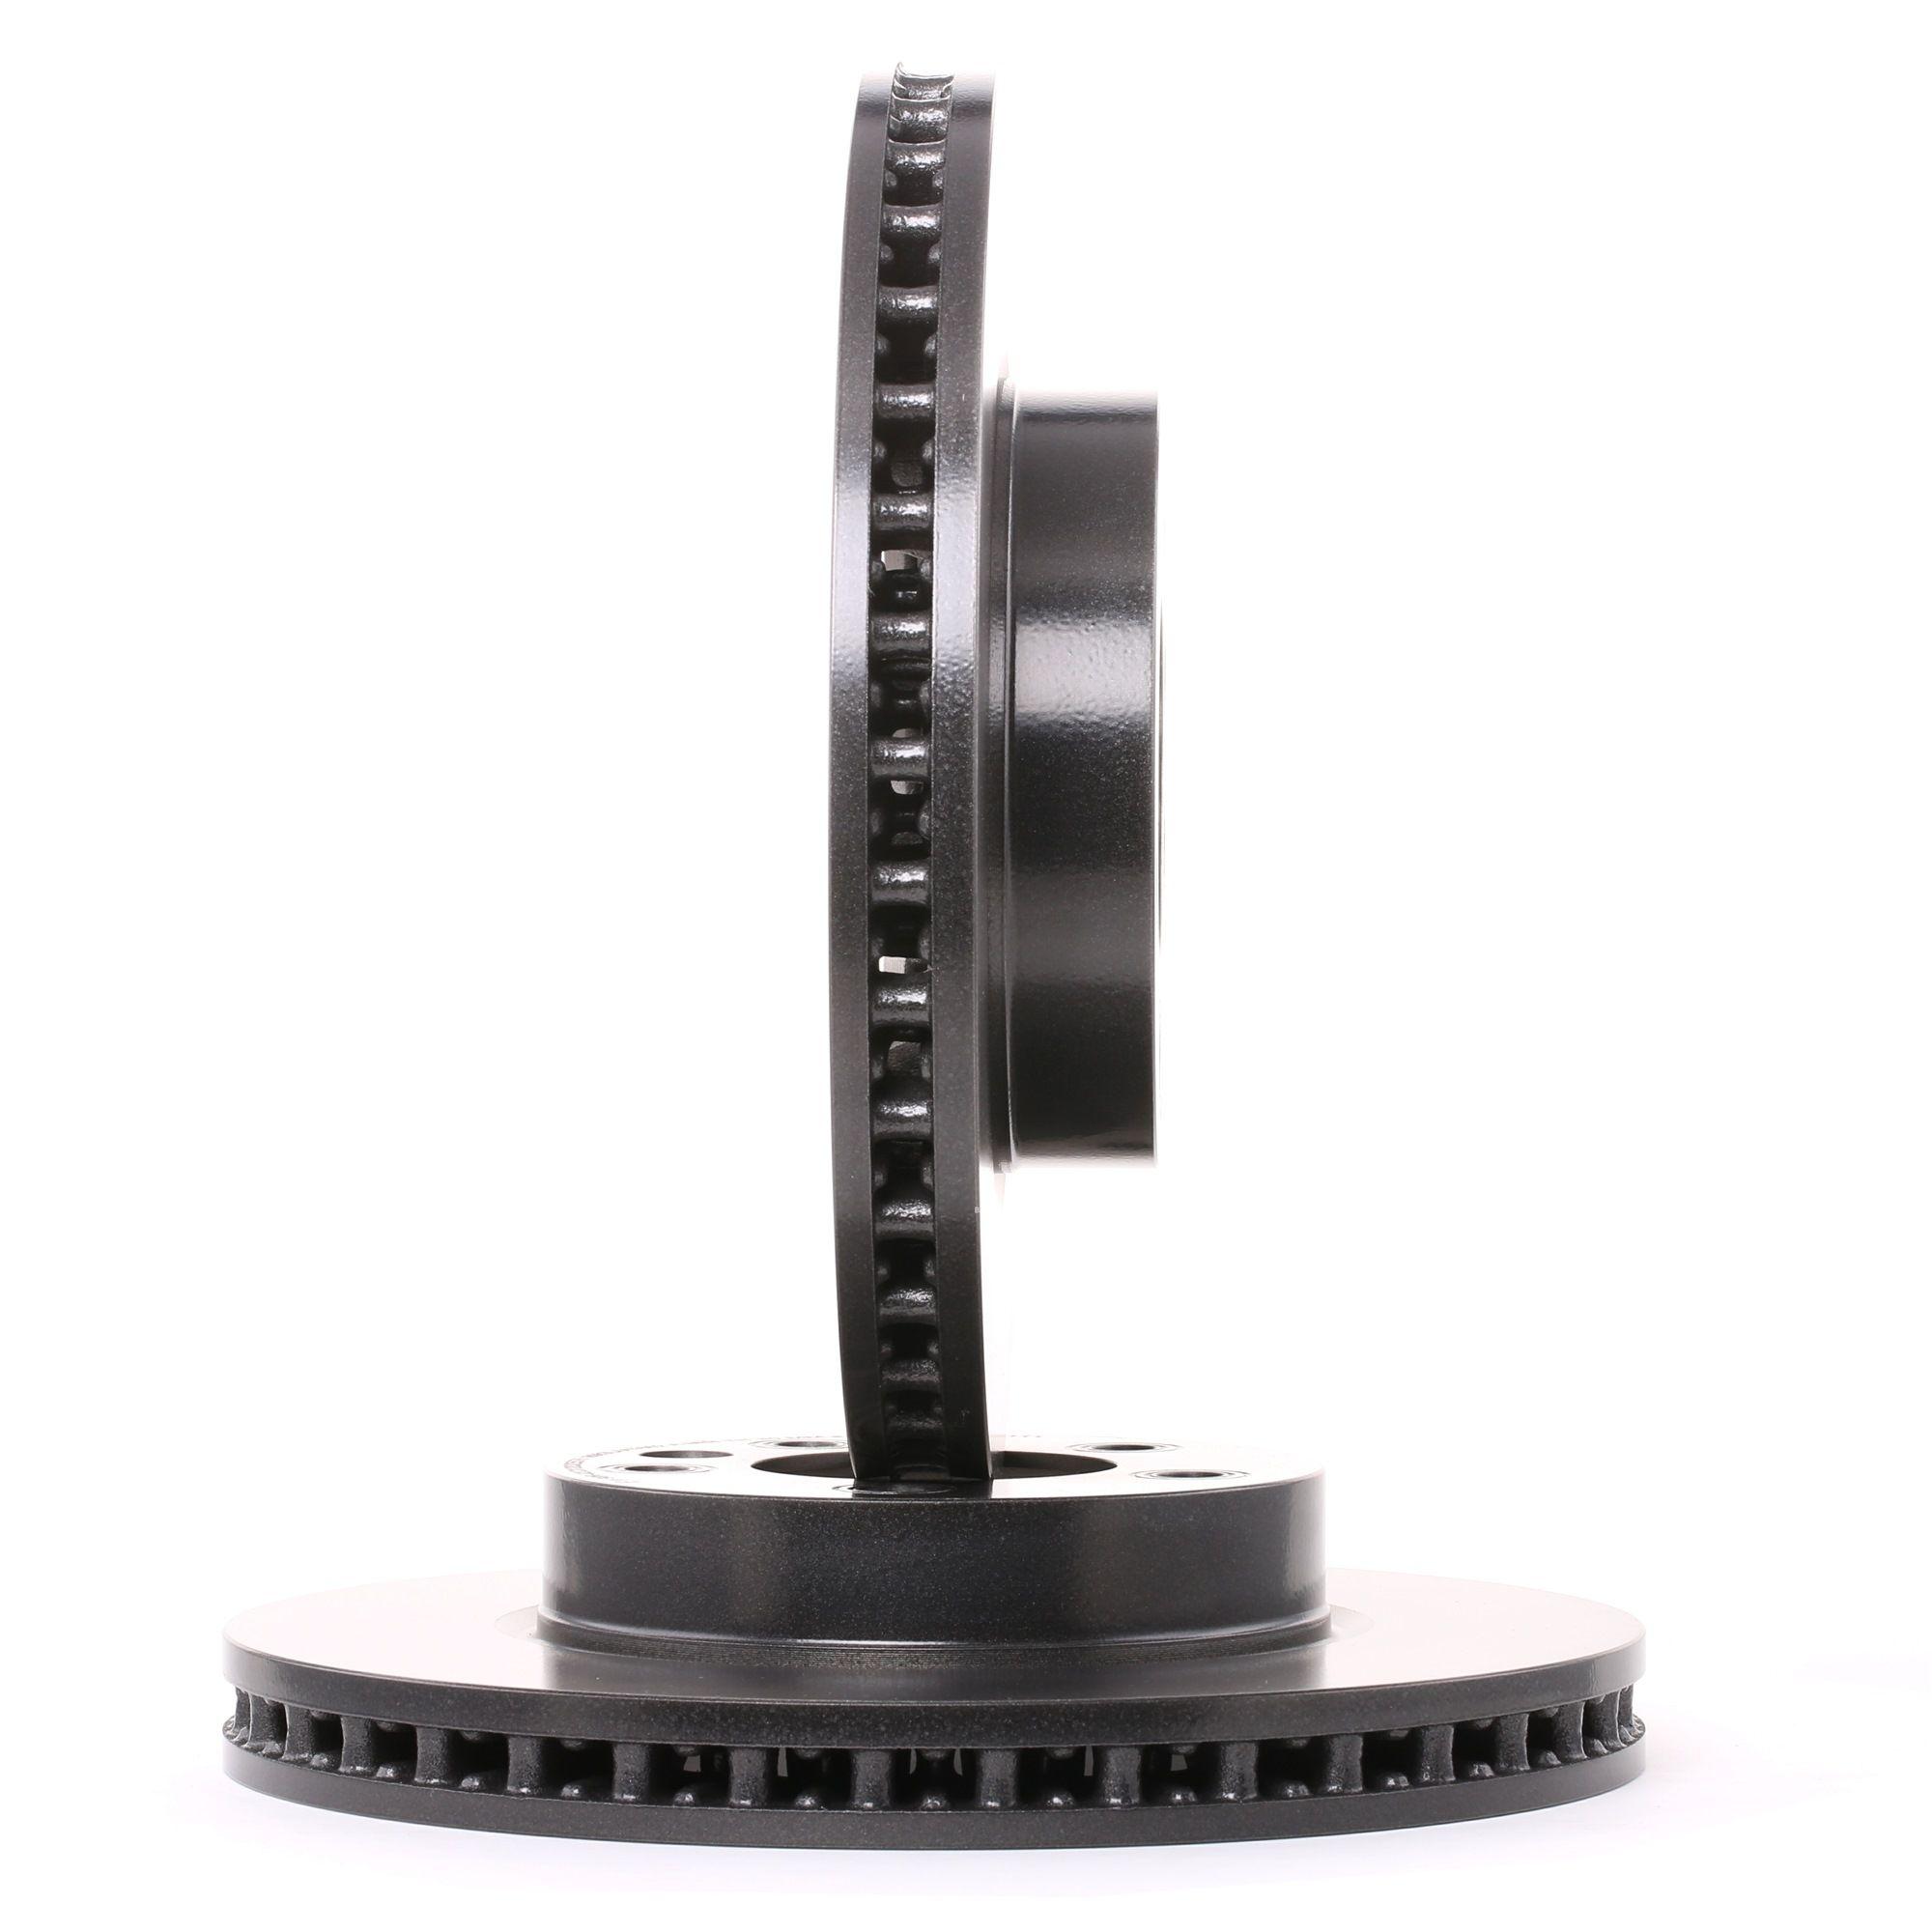 Achetez Disque de frein BREMBO 09.C881.11 (Ø: 330mm, Nbre de trous: 5, Épaisseur du disque de frein: 32mm) à un rapport qualité-prix exceptionnel